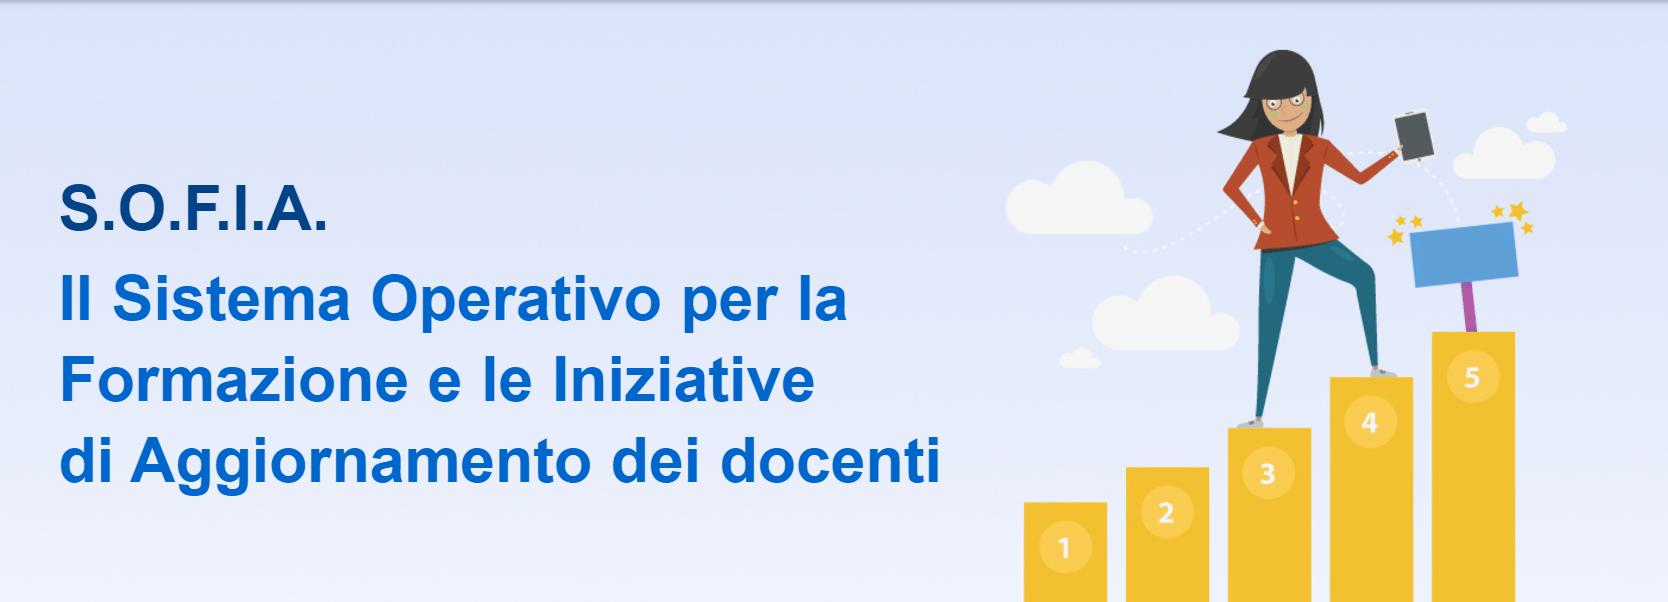 FORMAZIONE OBBLIGATORIA DOCENTI, PIATTAFORMA DIGITALE S.O.F.I.A.